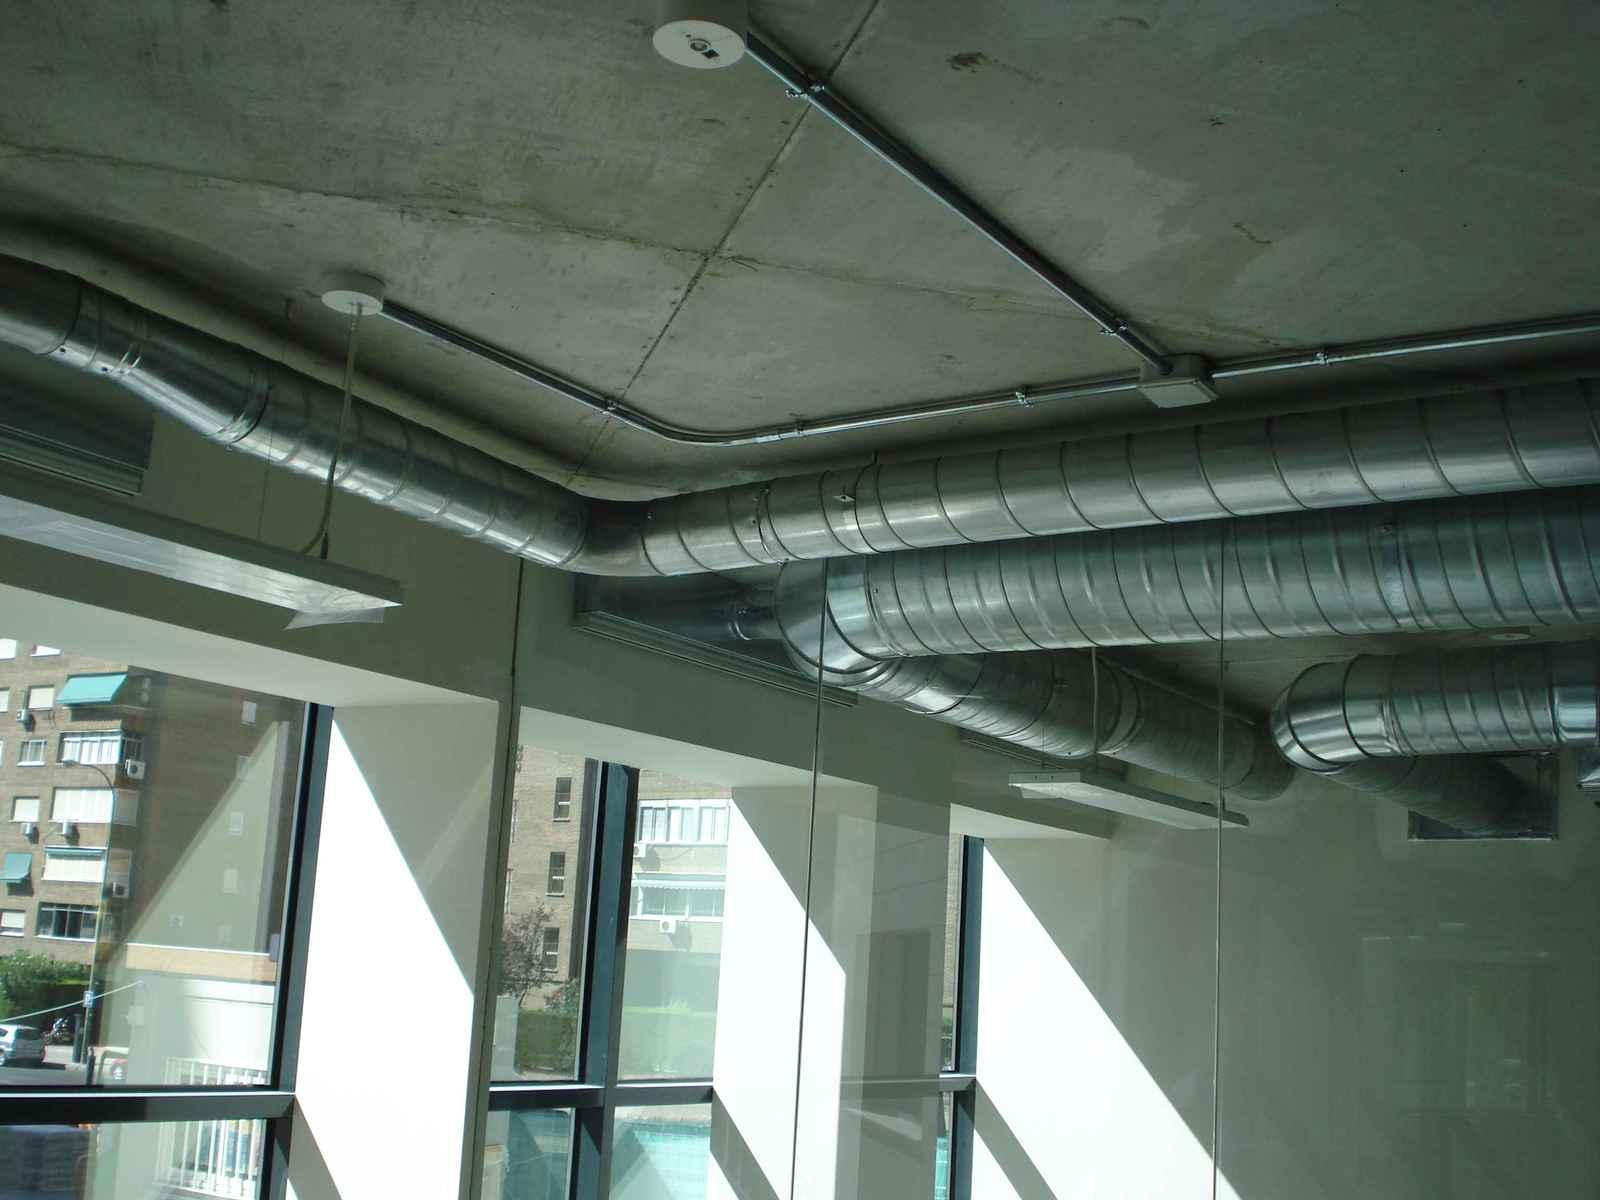 Infasa conductos para ventilacion marcado ce e600 - Conductos de chapa ...